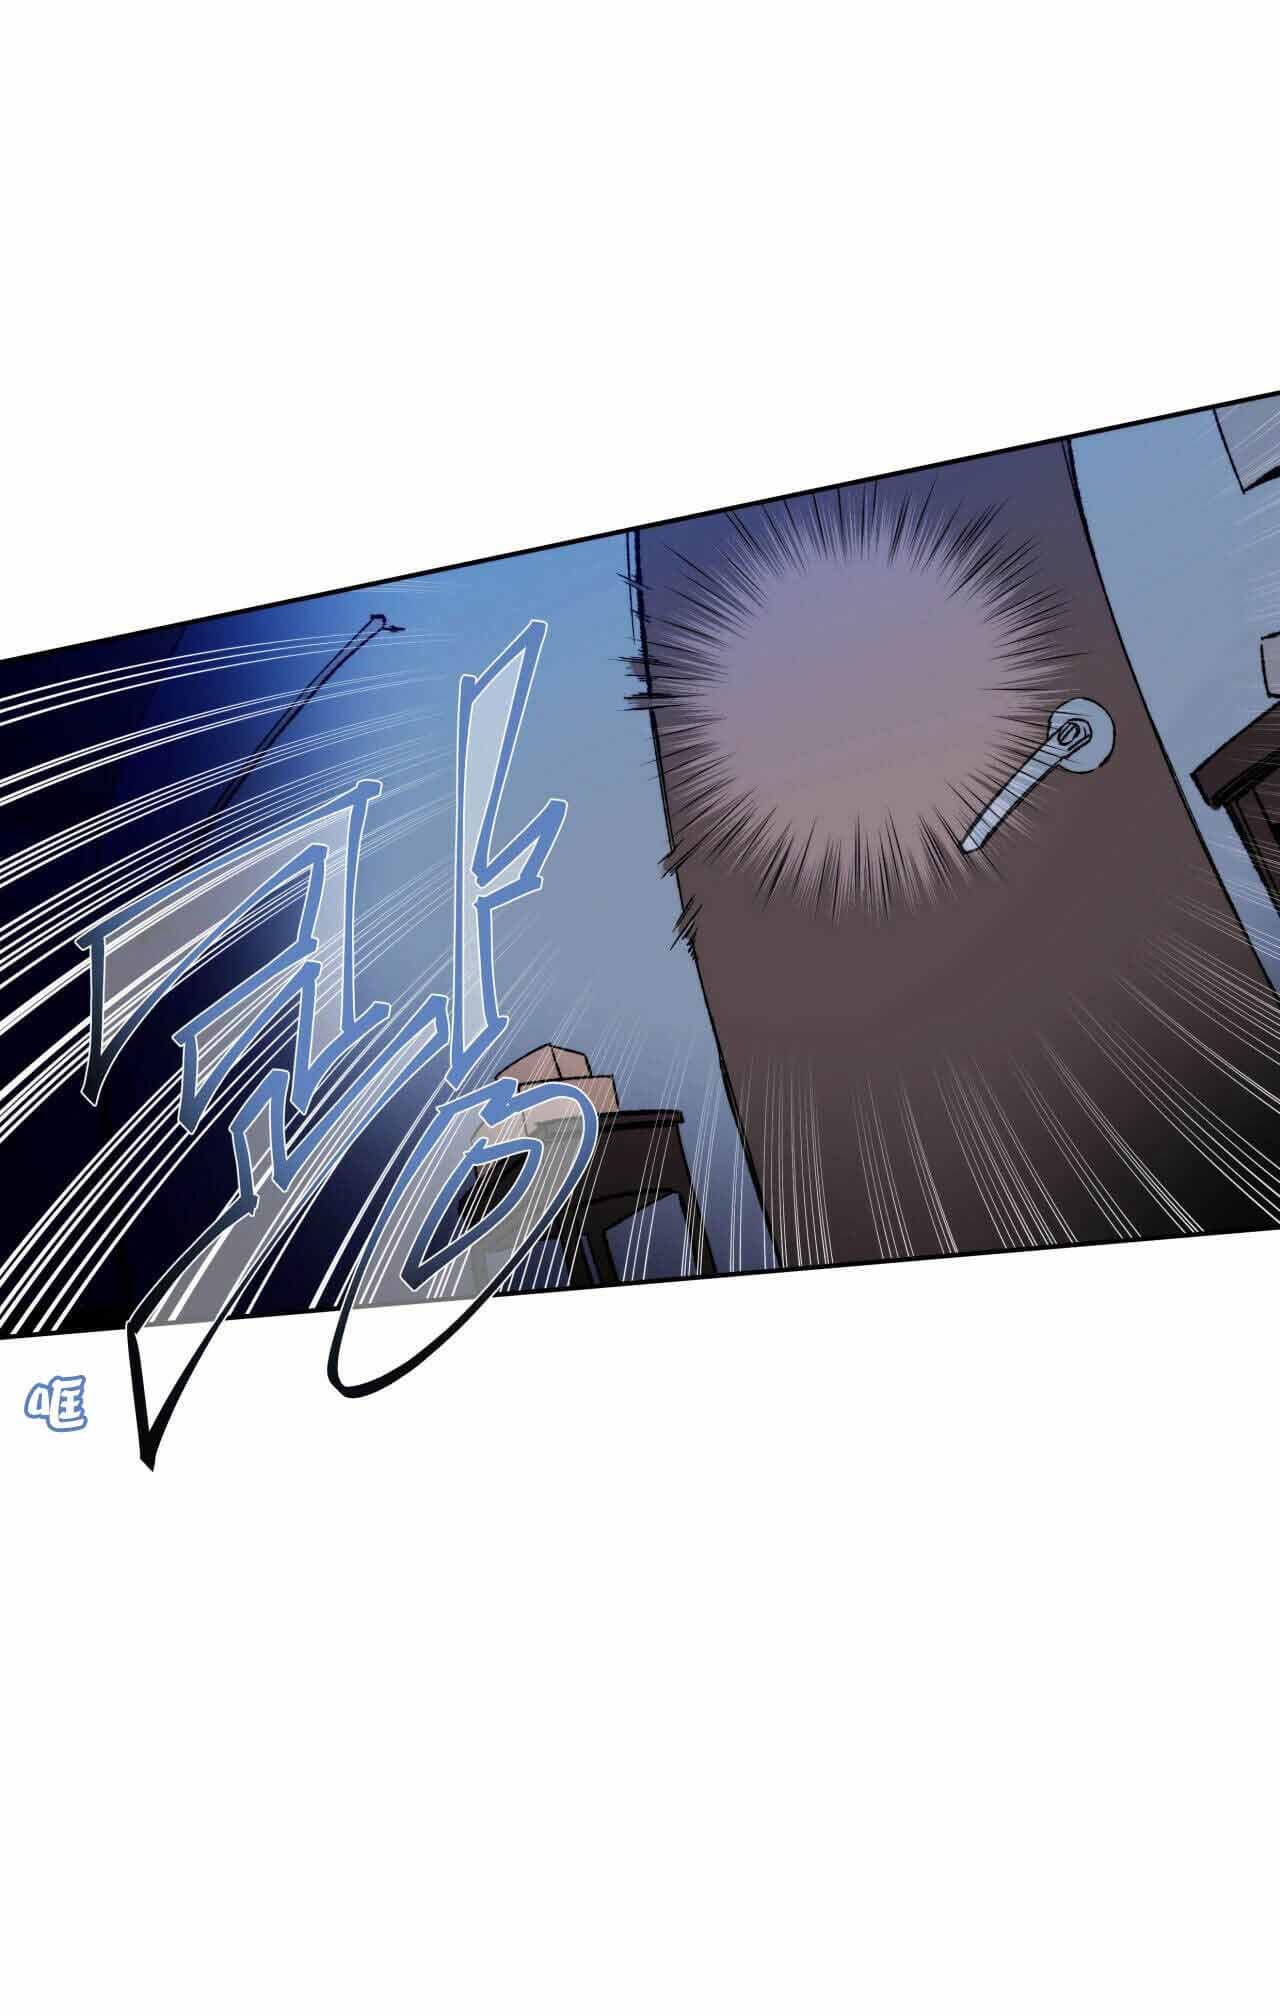 绝对服从-在线漫画 完整版汉化 连载已完结-啵乐漫画